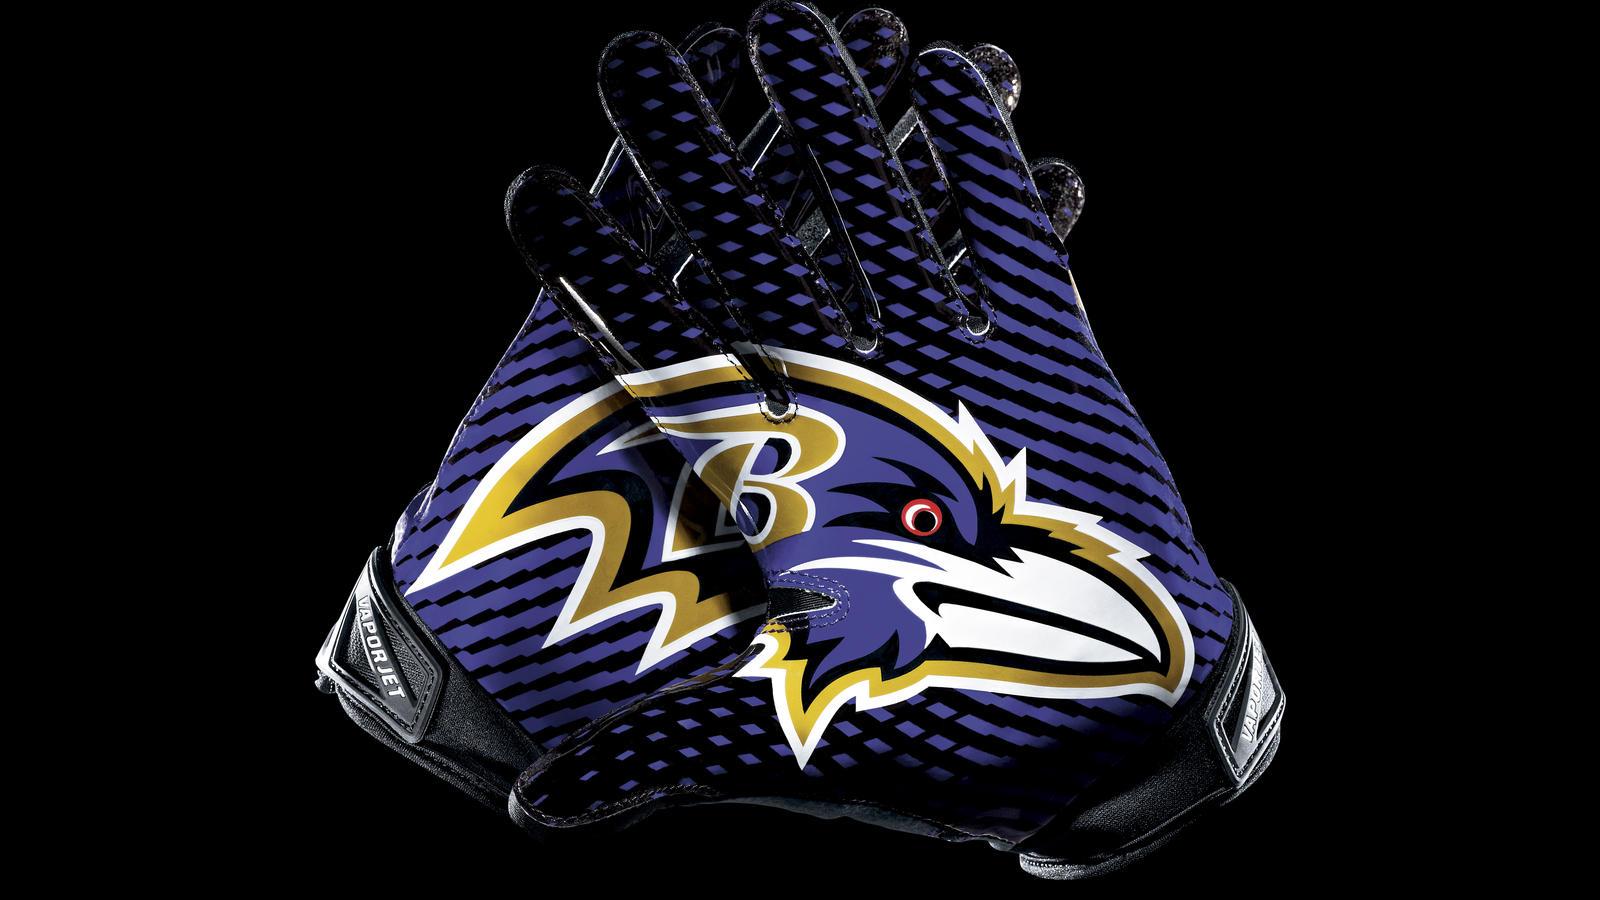 ddb2bebf071 NFL_2012_Ravens_VaporJet2Glove. SU12_AT_NFL_UNIFORM_BACK_RAVENS